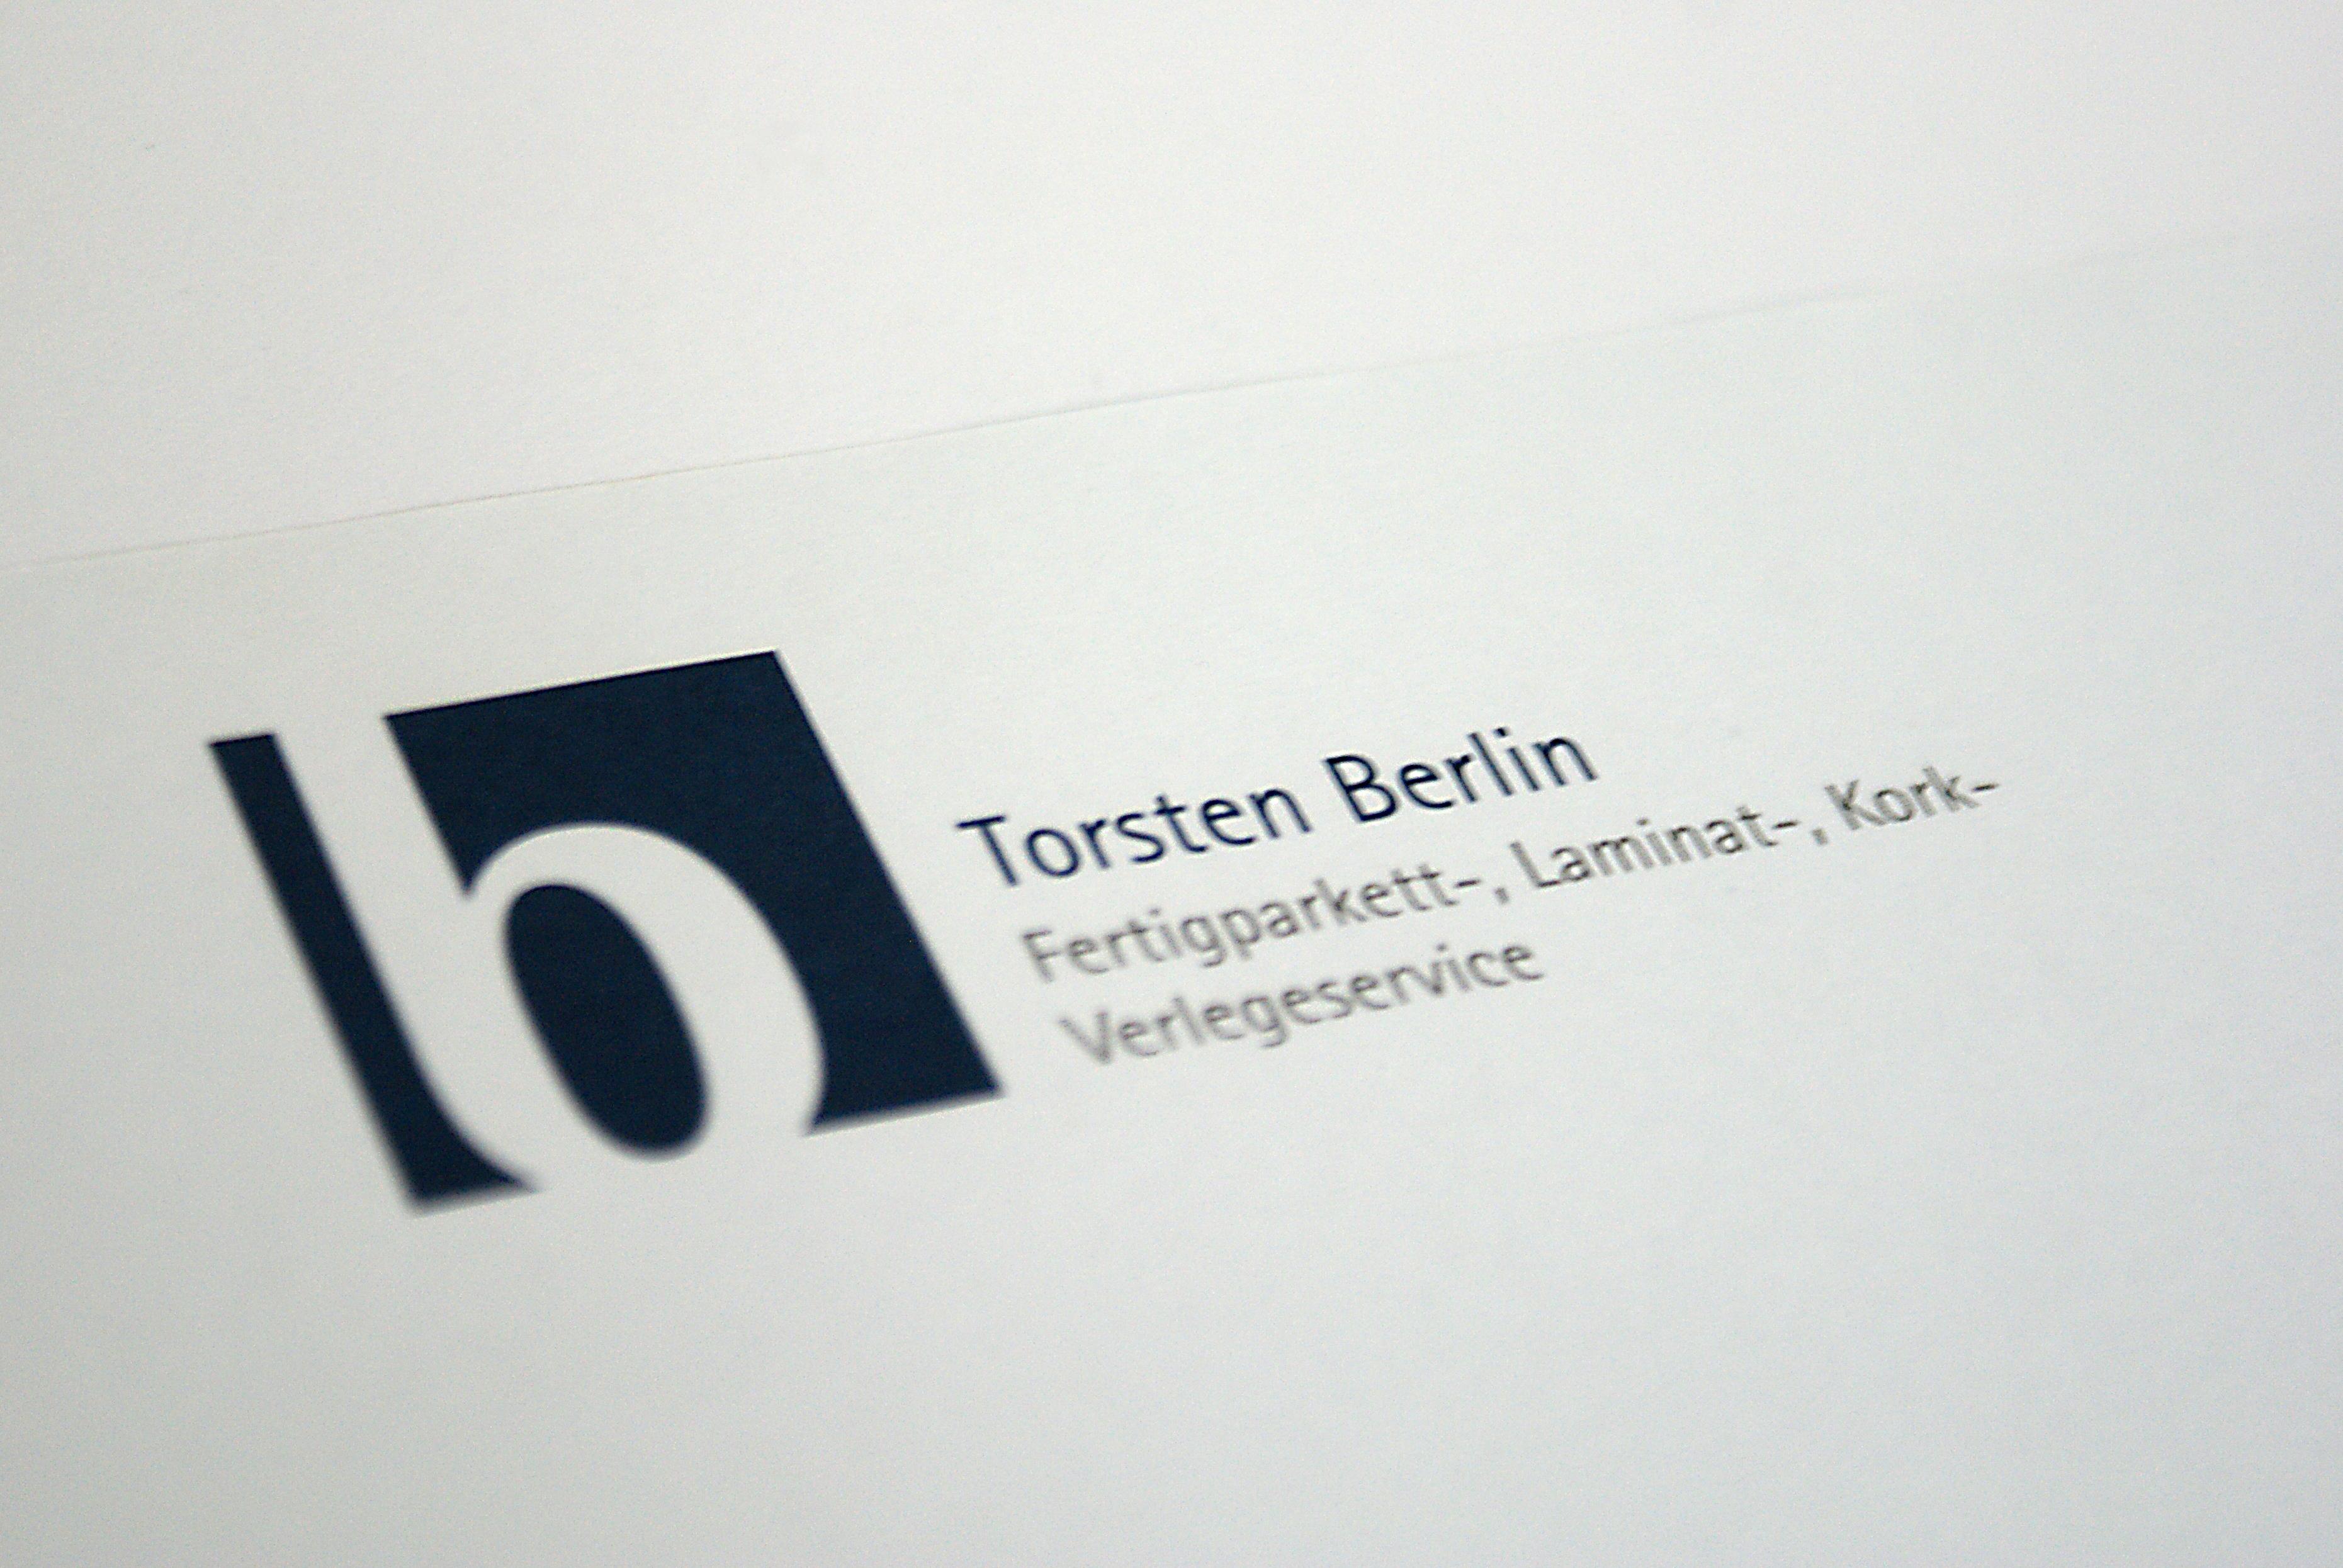 Torsten Berlin